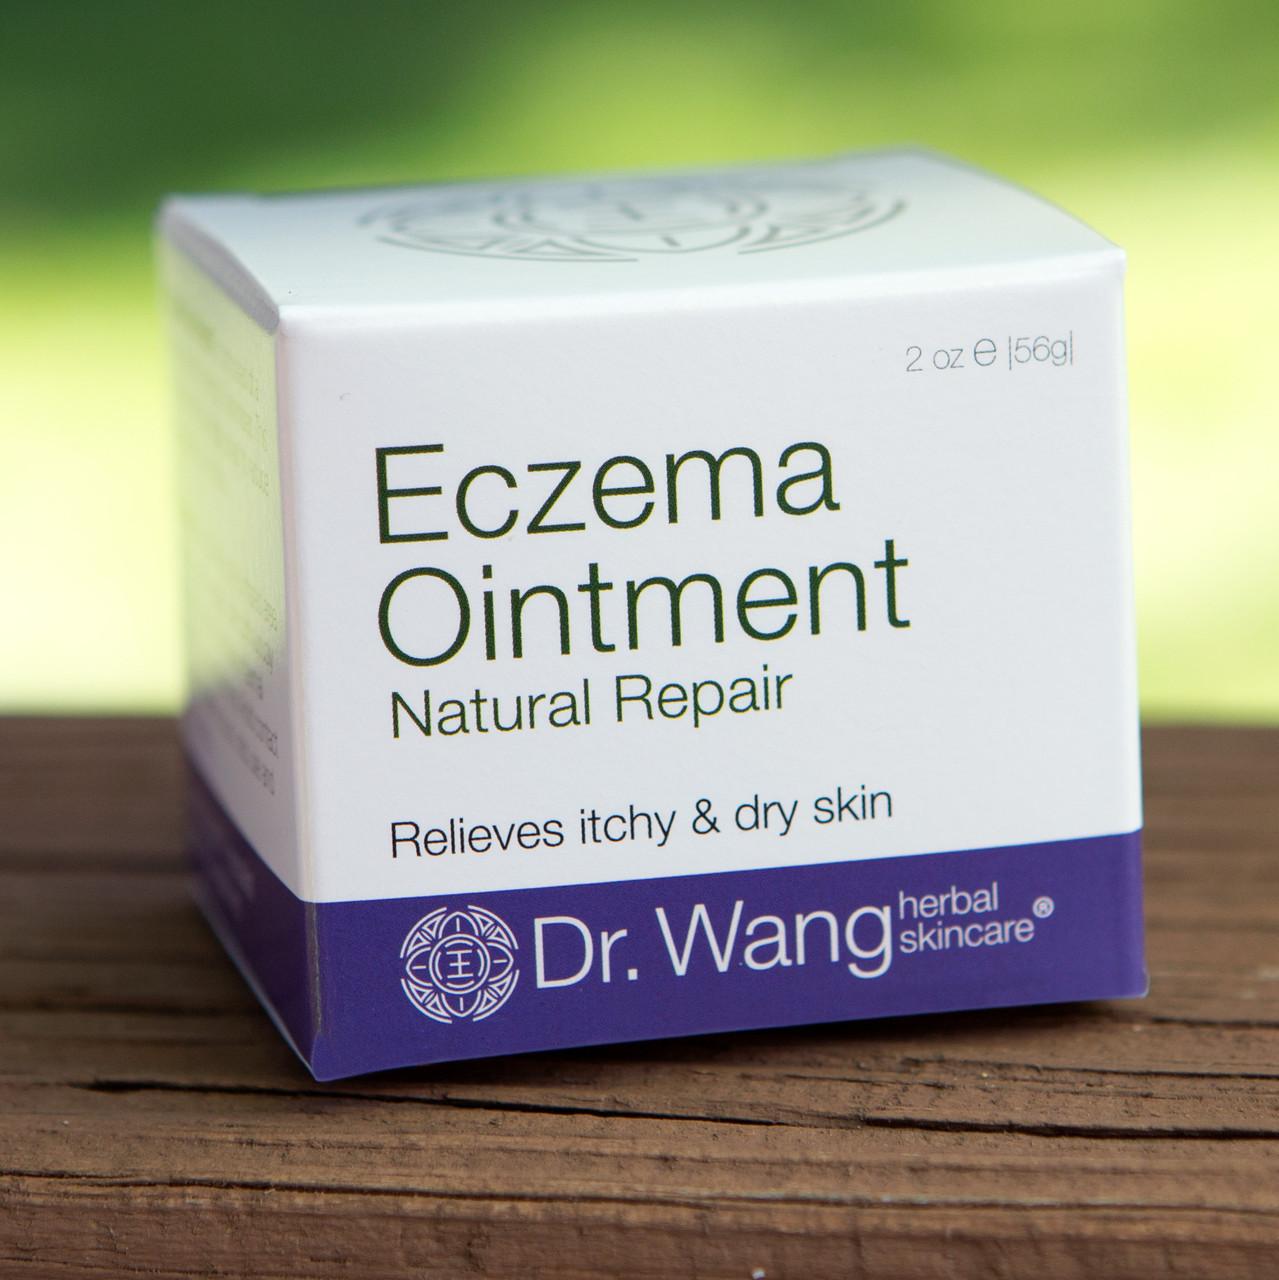 Eczema Ointment